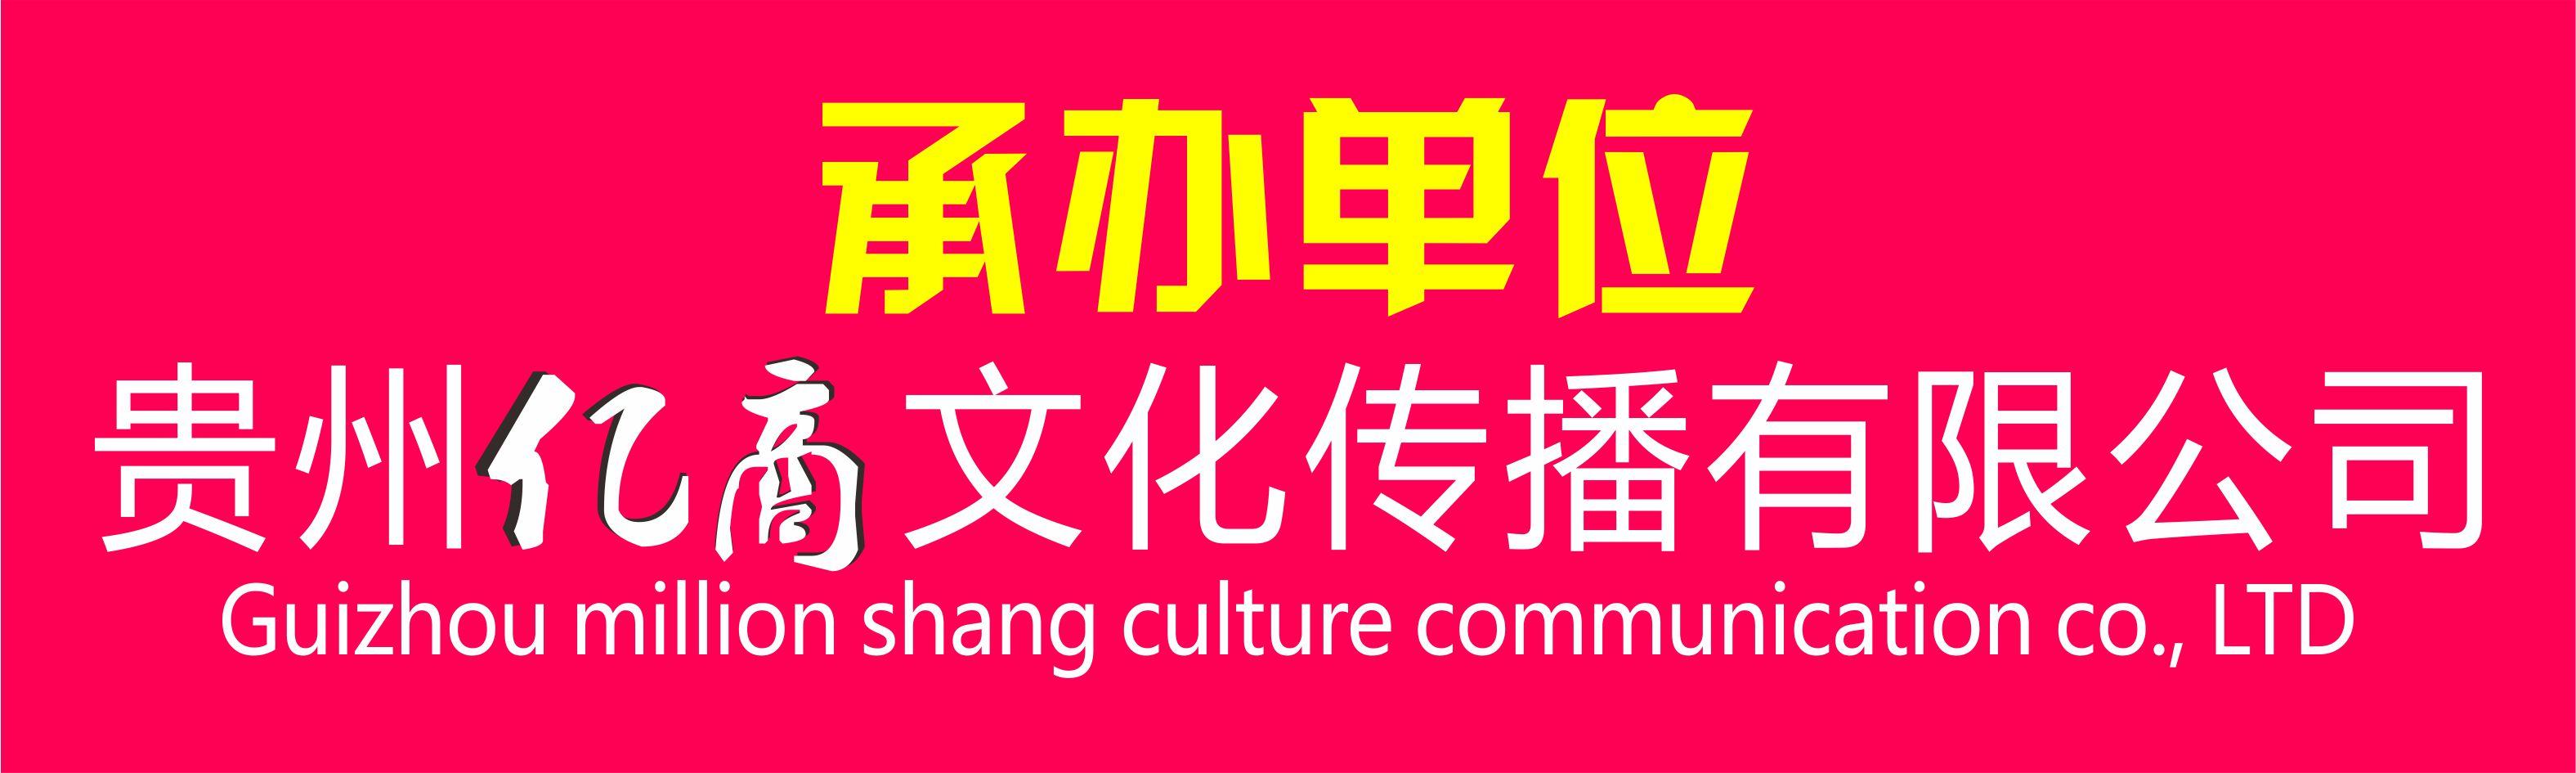 �|商文化